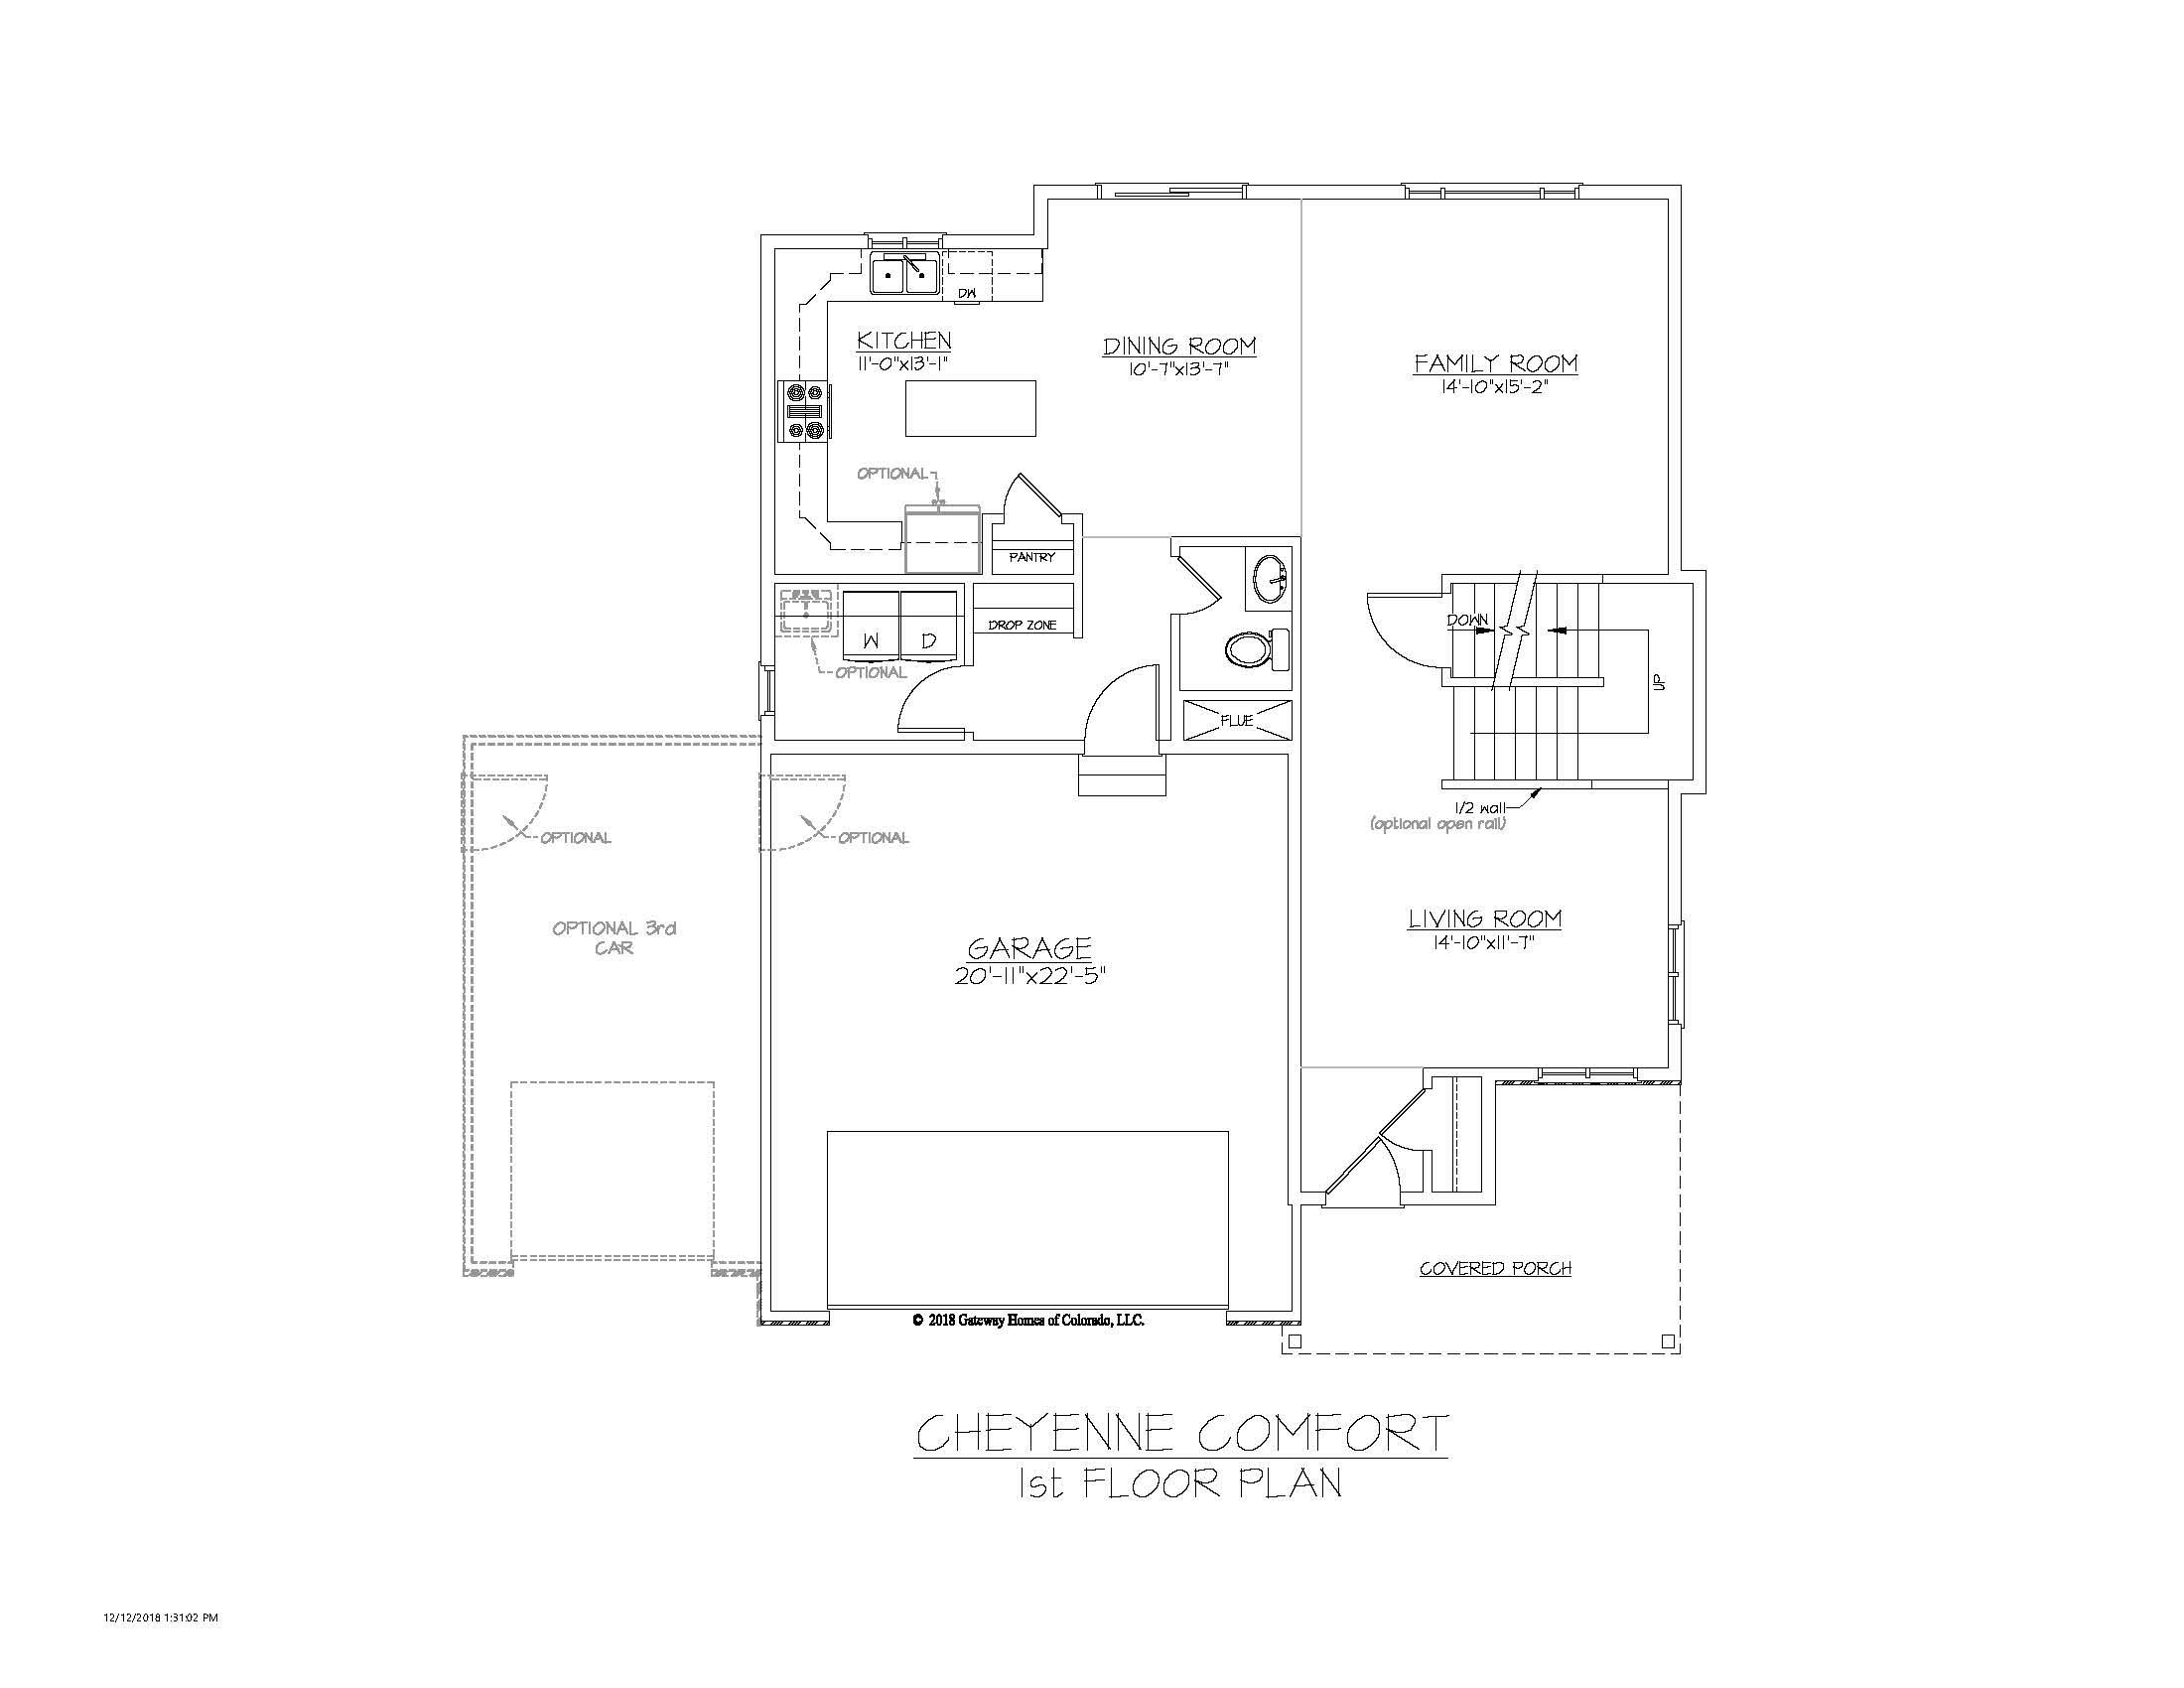 SM Cheyenne Comfort 1st Floor Plan